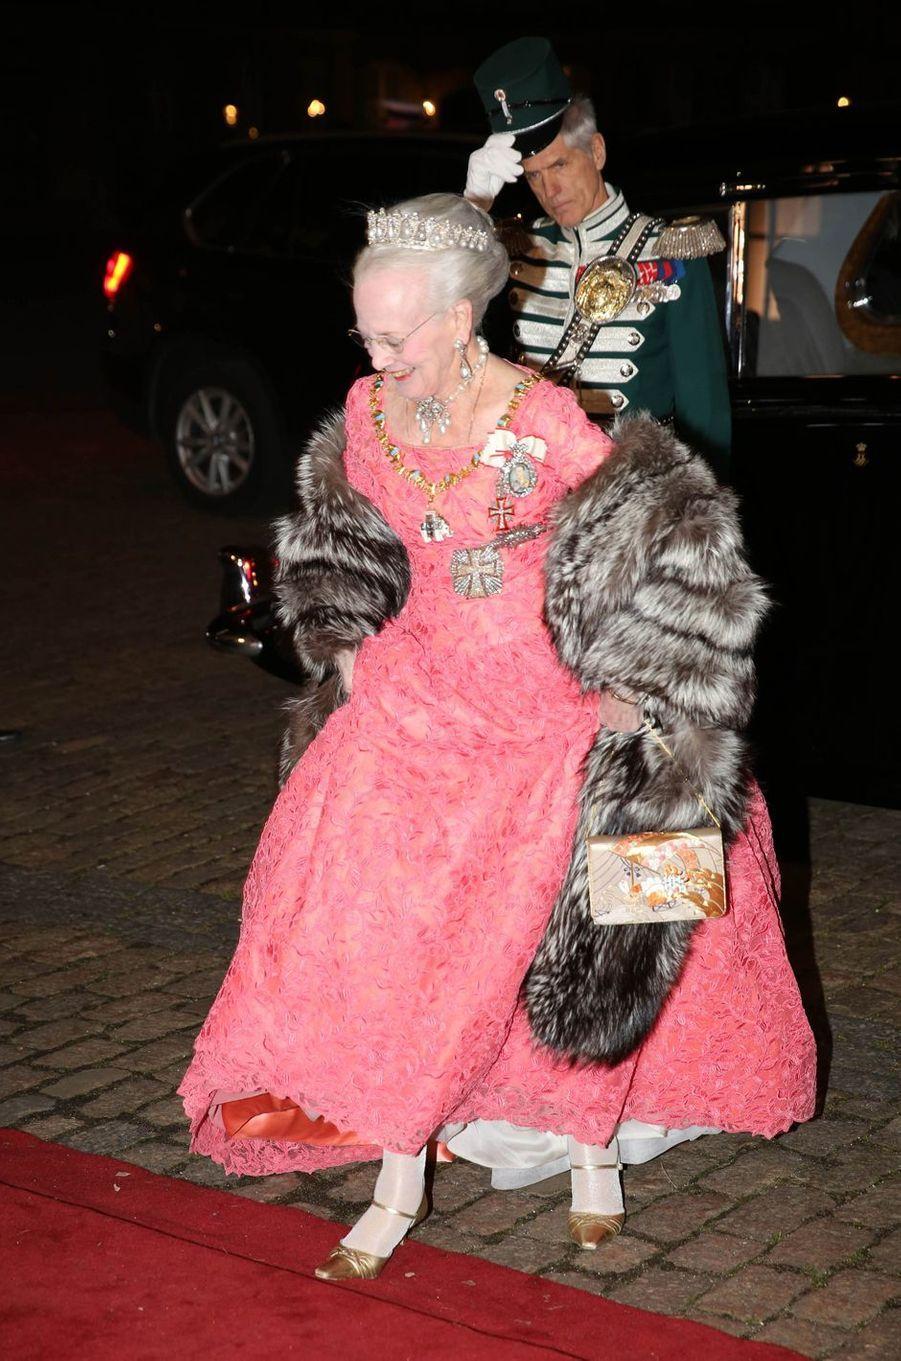 La reine Margrethe II de Danemark à Copenhague, le 1er janvier 2019